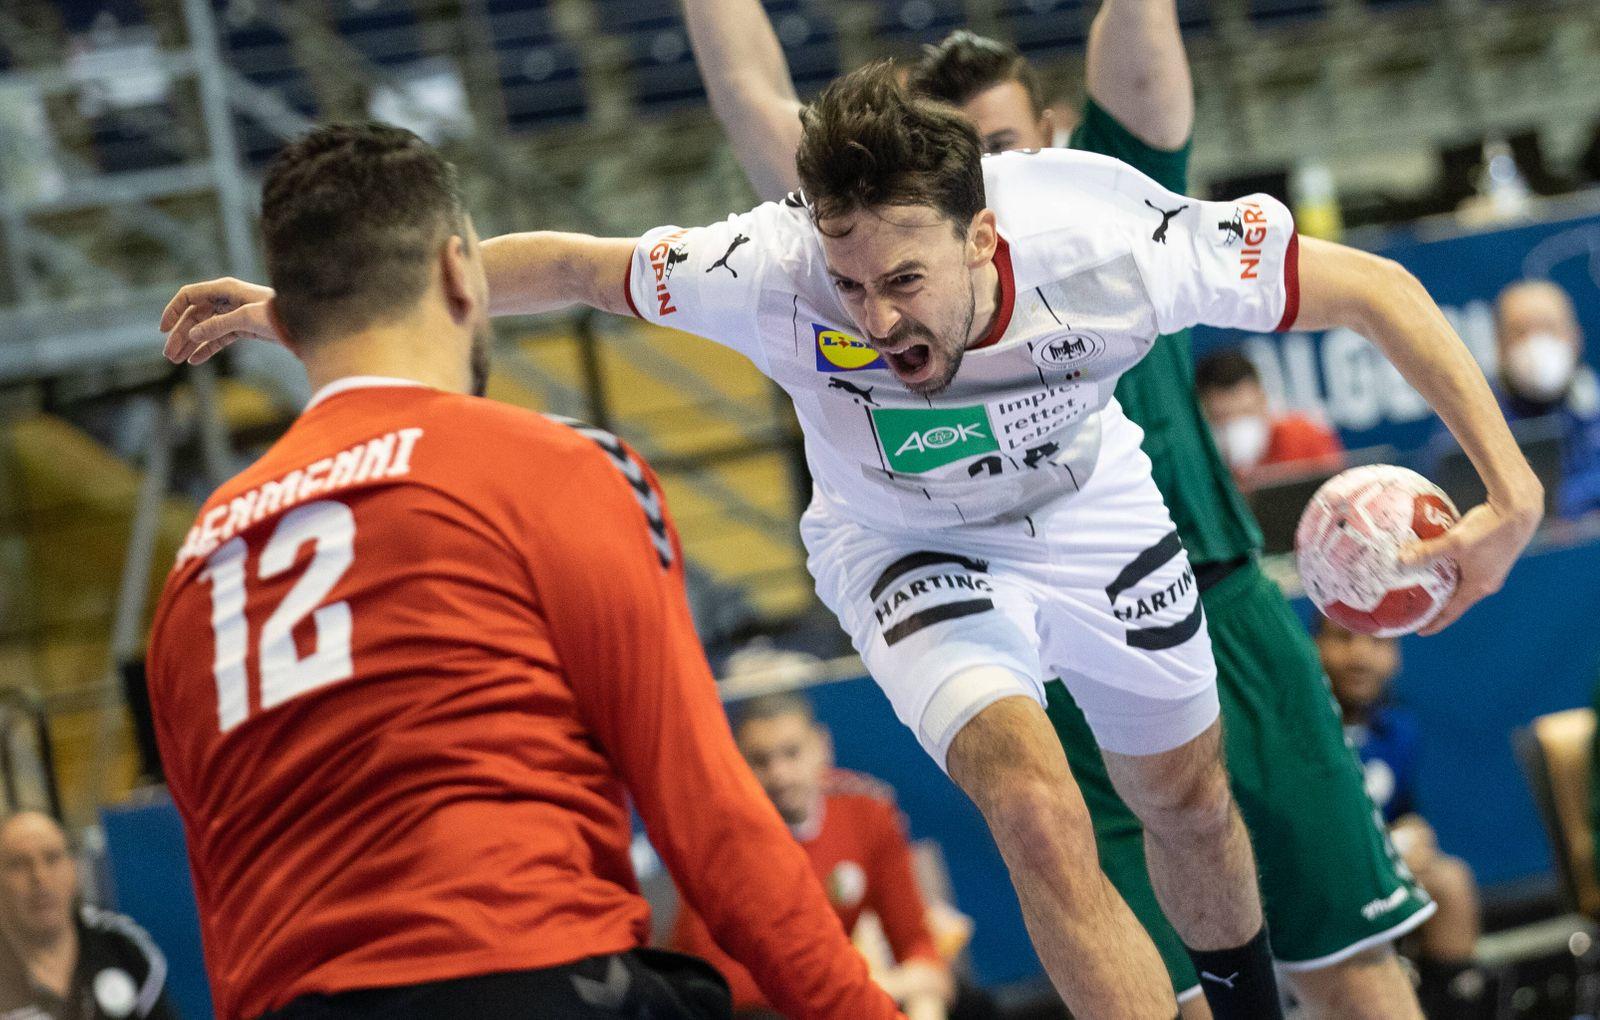 Berlin, 14.03.2021, Handball: Olympia-Qualifikation der Maenner, Algerien - Deutschland, Max-Schmeling-Halle. Deutschla